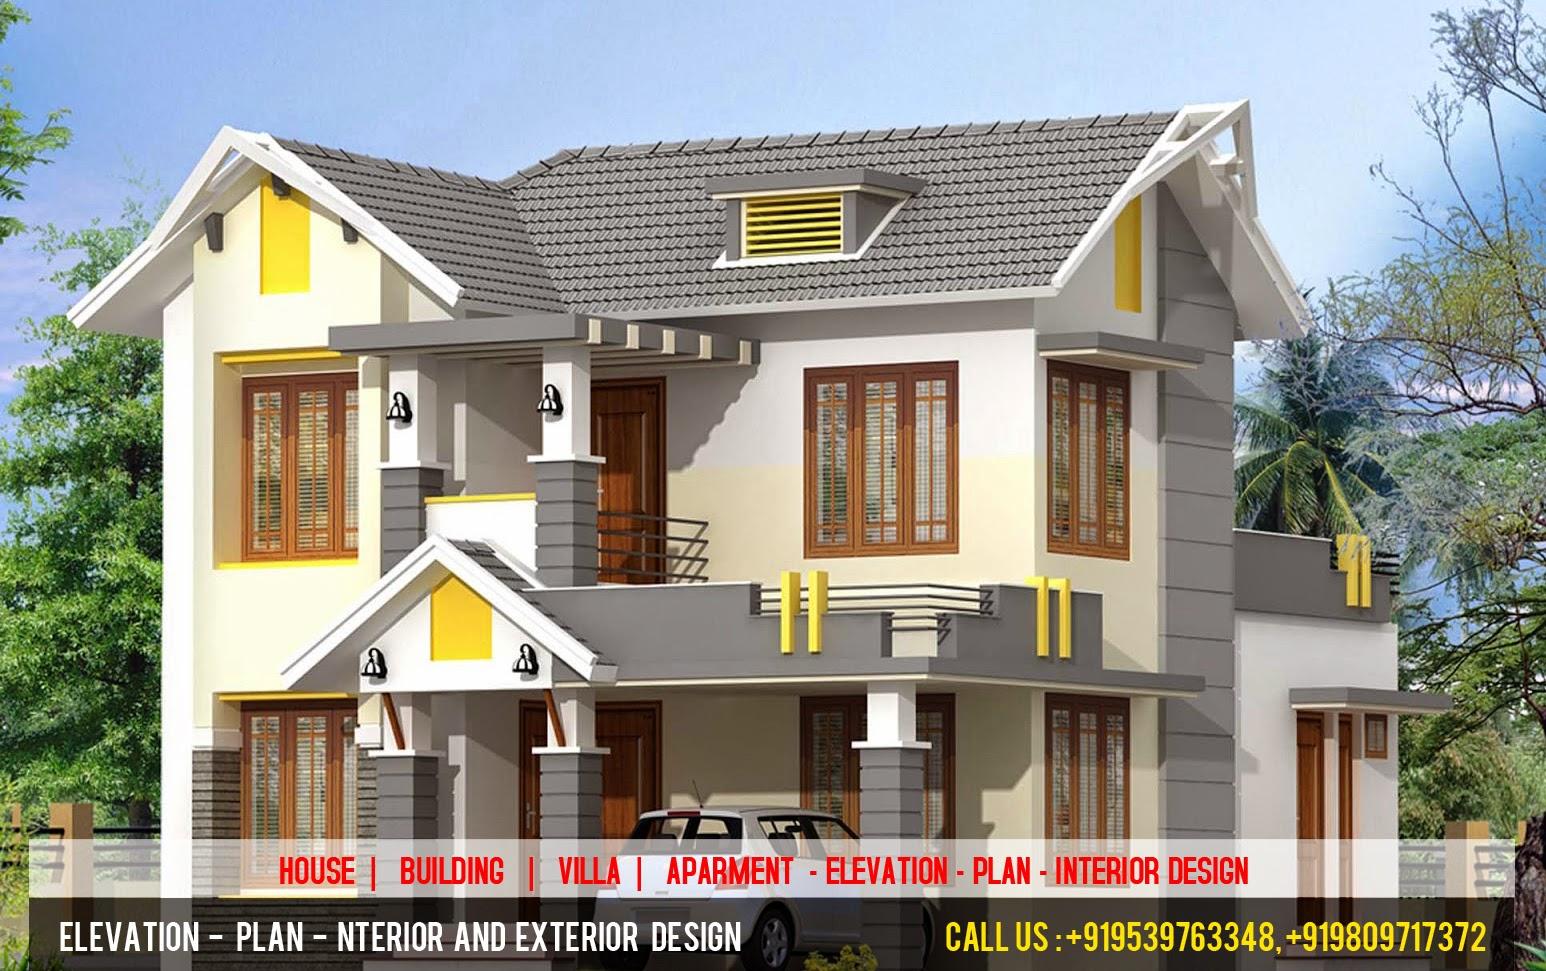 3d elevation plan designer best 3d elevation plan for Kerala house 3d elevation design